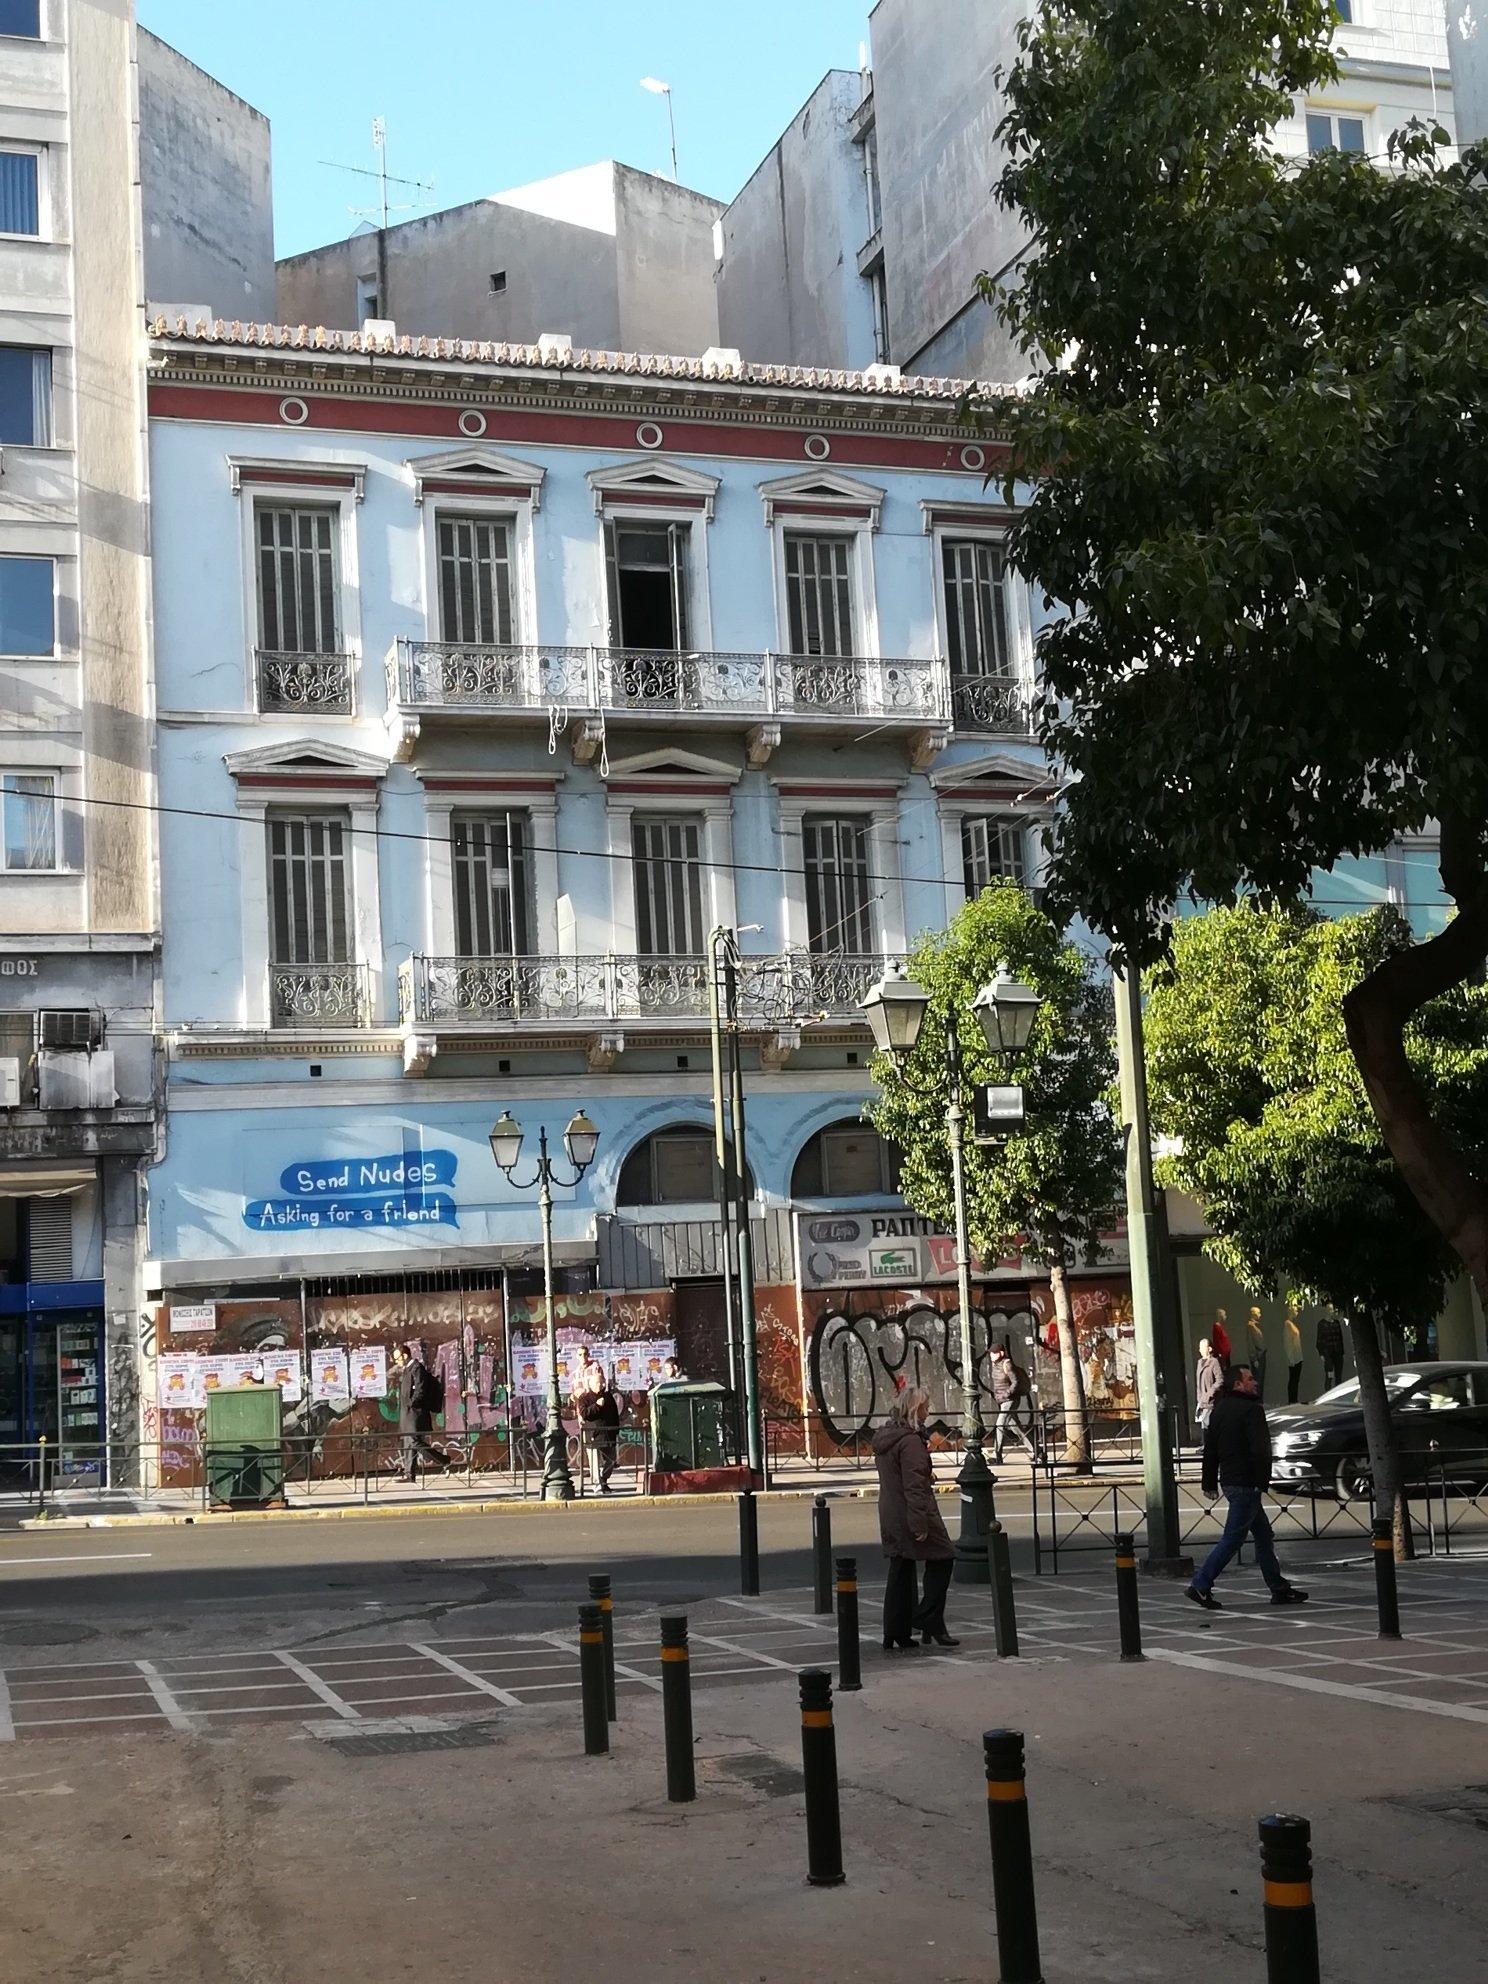 Το νέο Θεατρικό Μουσείο στο νεοκλασικό κτίριο της οδού Σταδίου 47, Αλεξάνδρου